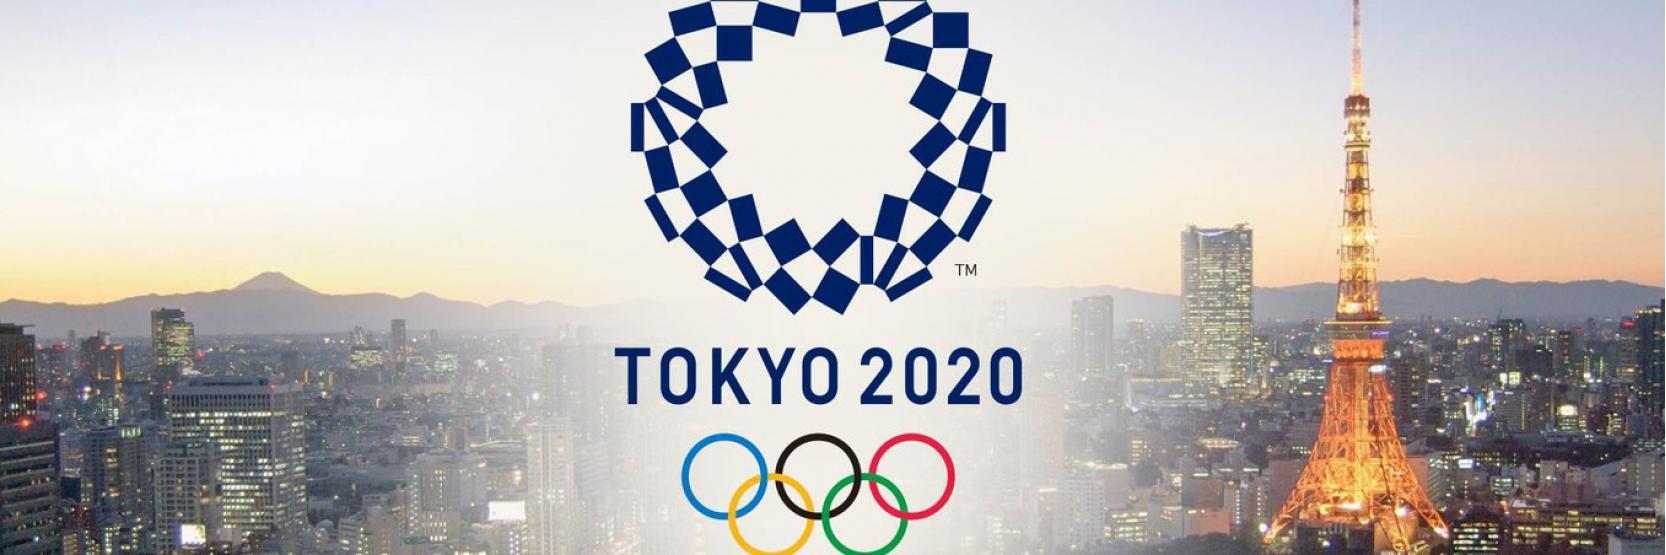 دورة الألعاب الأولمبية طوكيو 2021